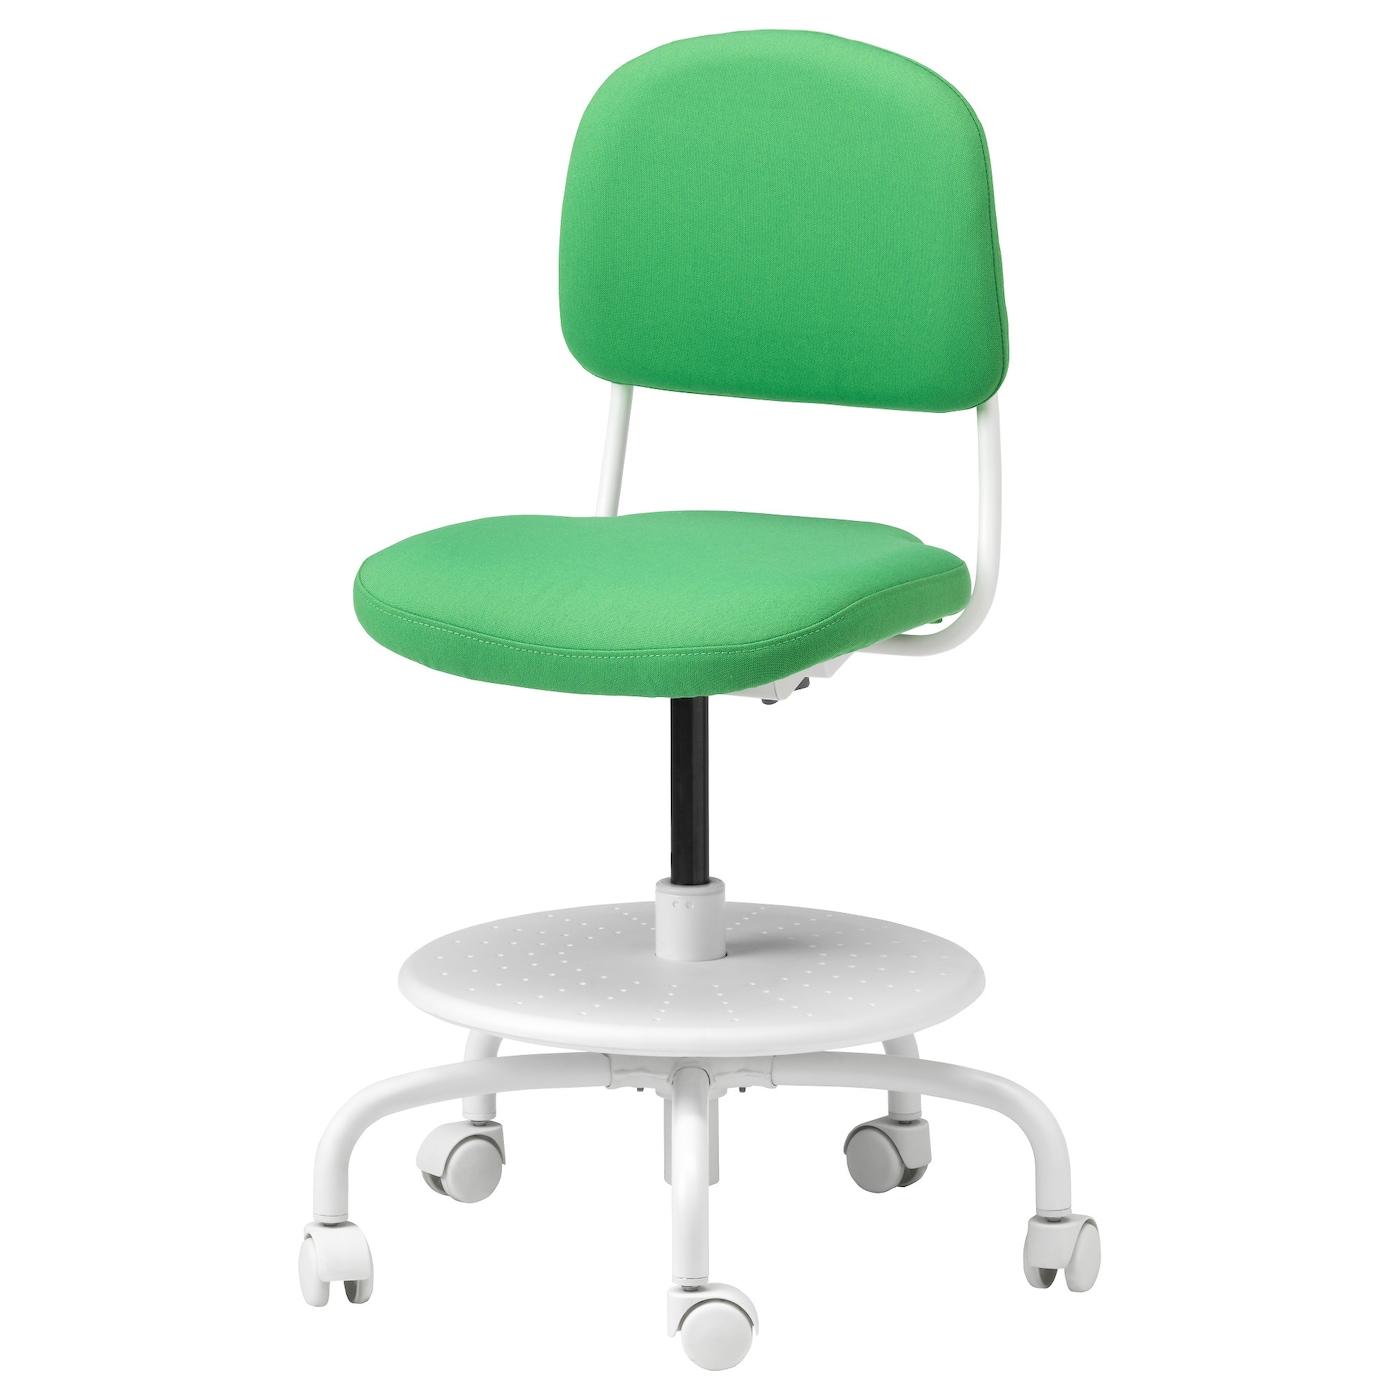 Vimund Children 39 S Desk Chair Vissle Bright Green Ikea